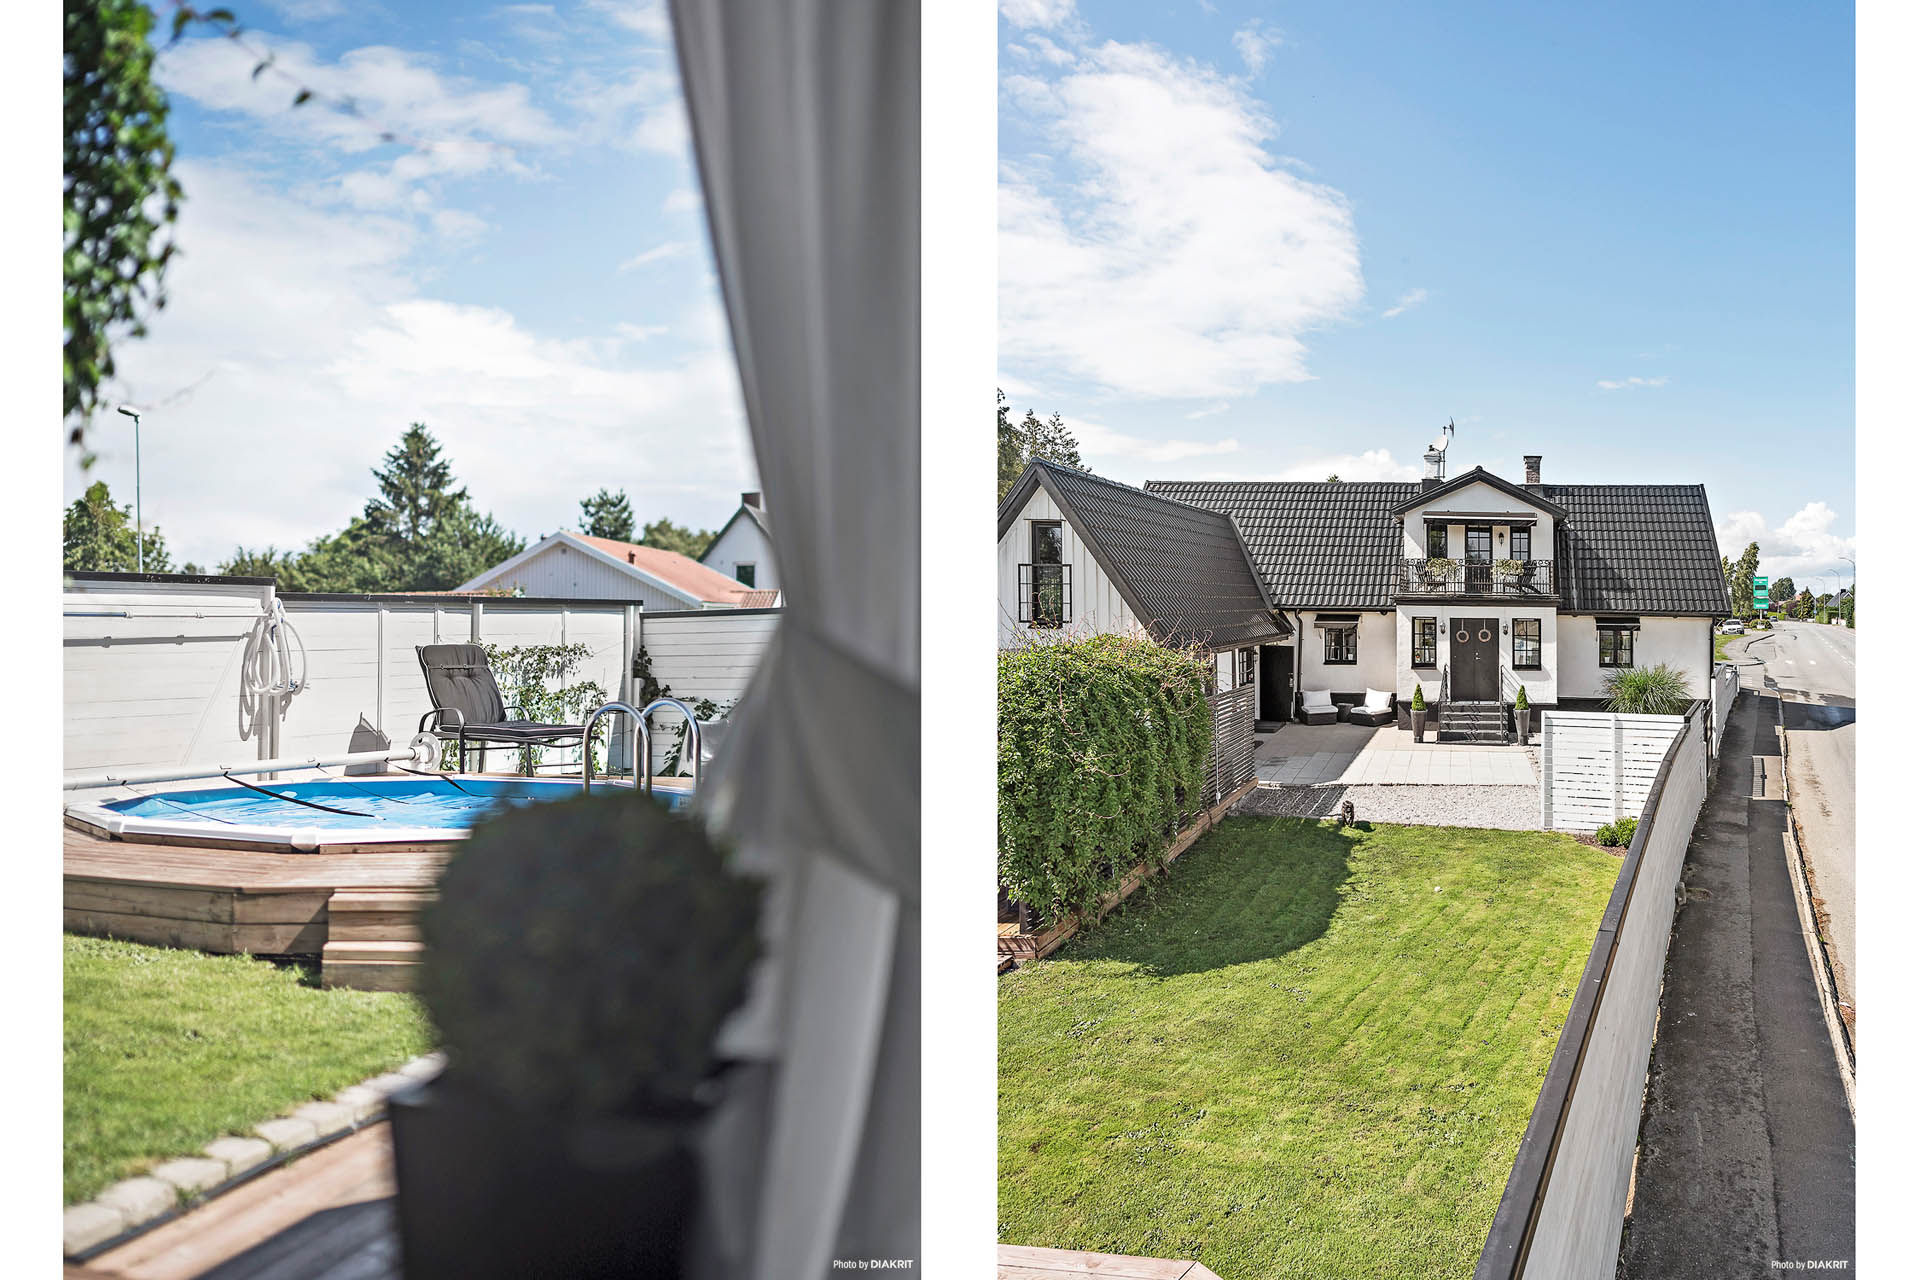 Välkomna! Villan har två entréer. En via en vacker äldre glasveranda och en via den äldre korsvirkebyggnaden.